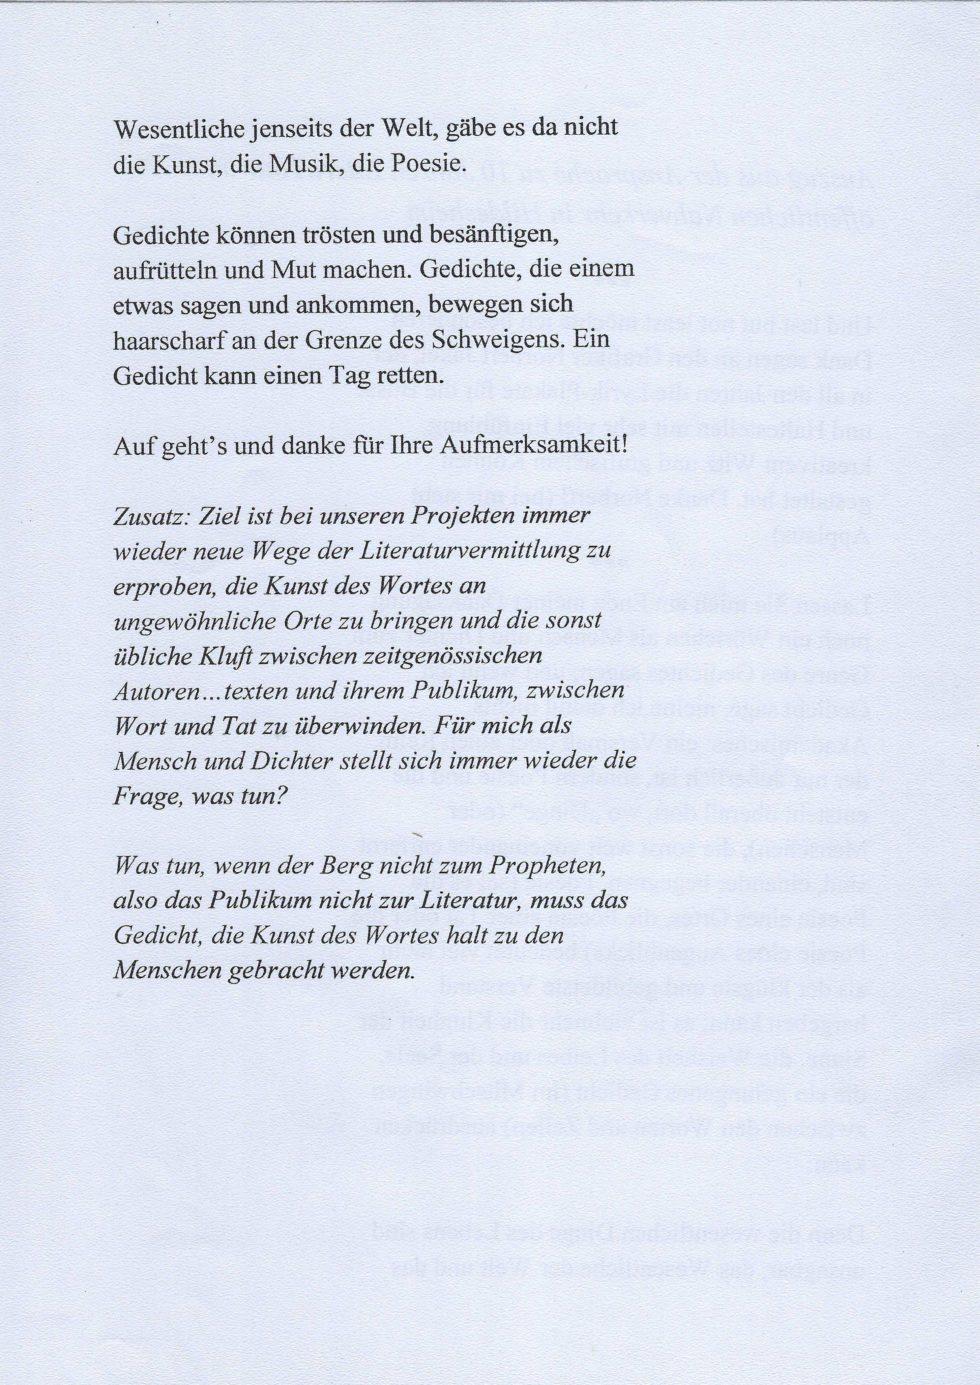 2003-2007 Schul-Projekte, Biografisches Schreiben, 10 Jahre LiteraTOUR_Seite_51